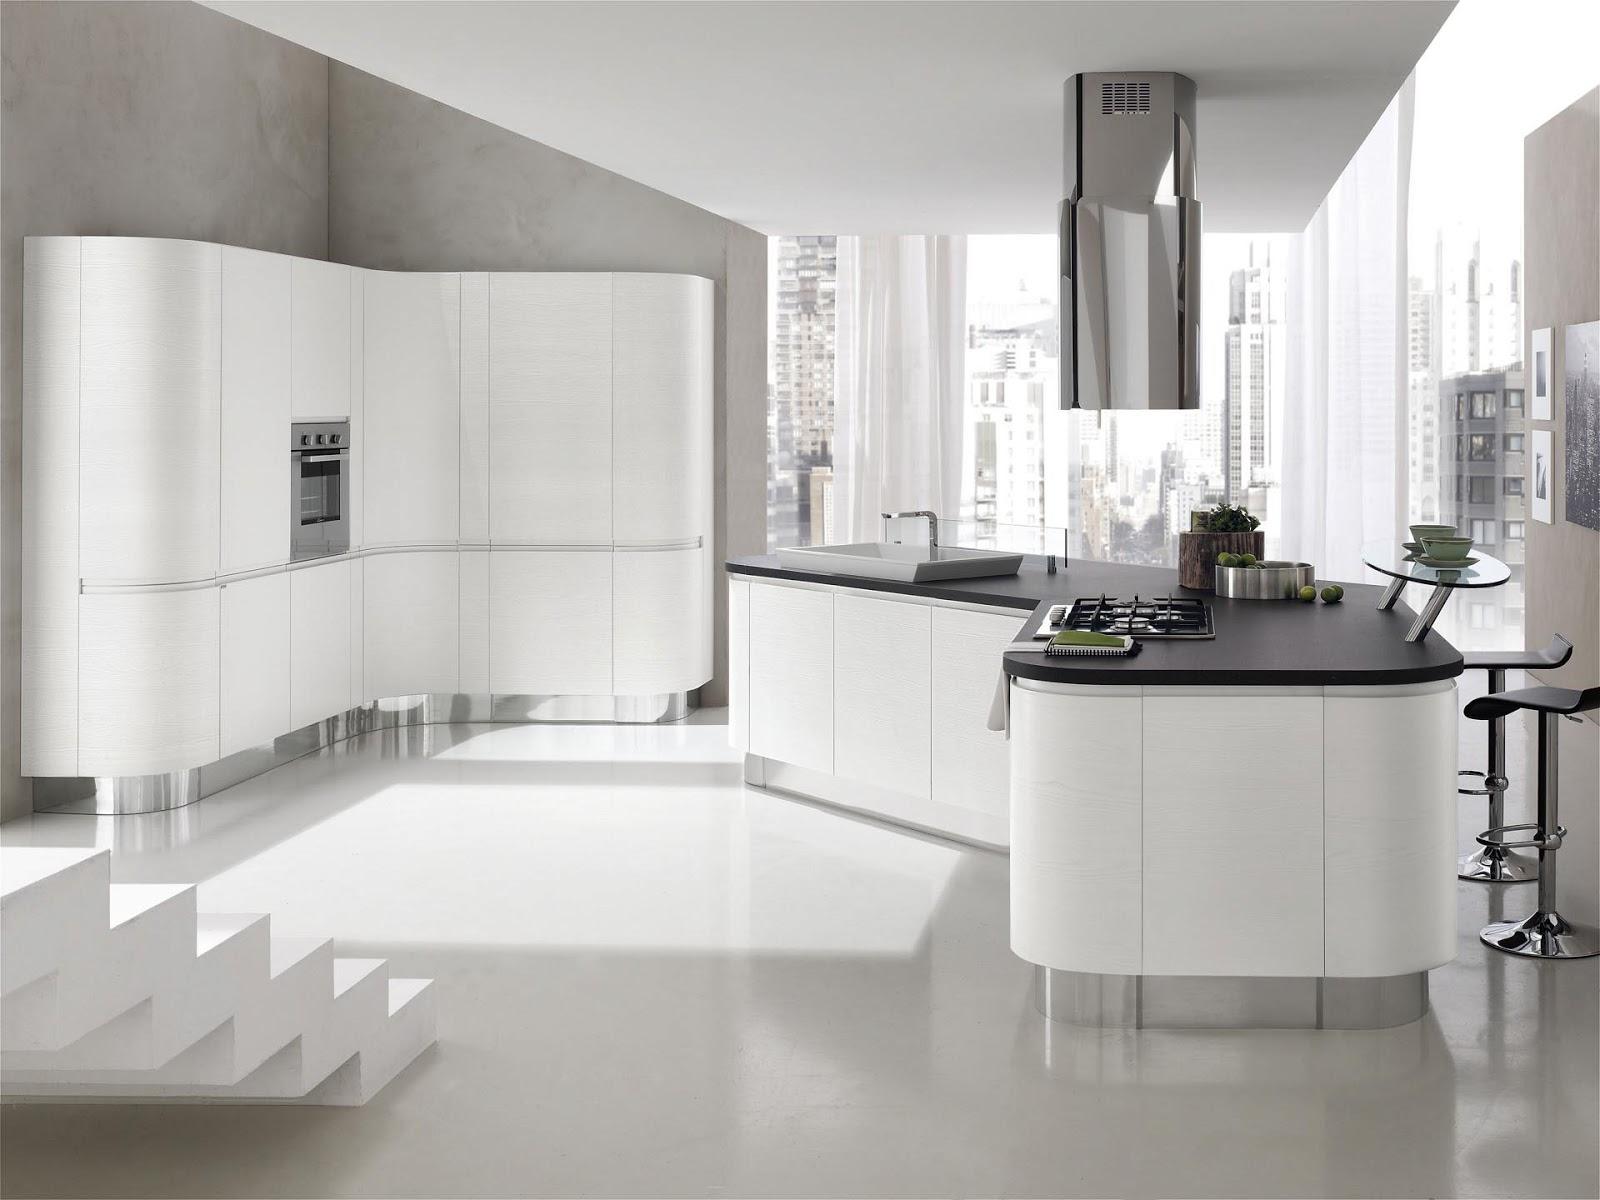 Comprar ofertas platos de ducha muebles sofas spain for Cocinas modernas color blanco